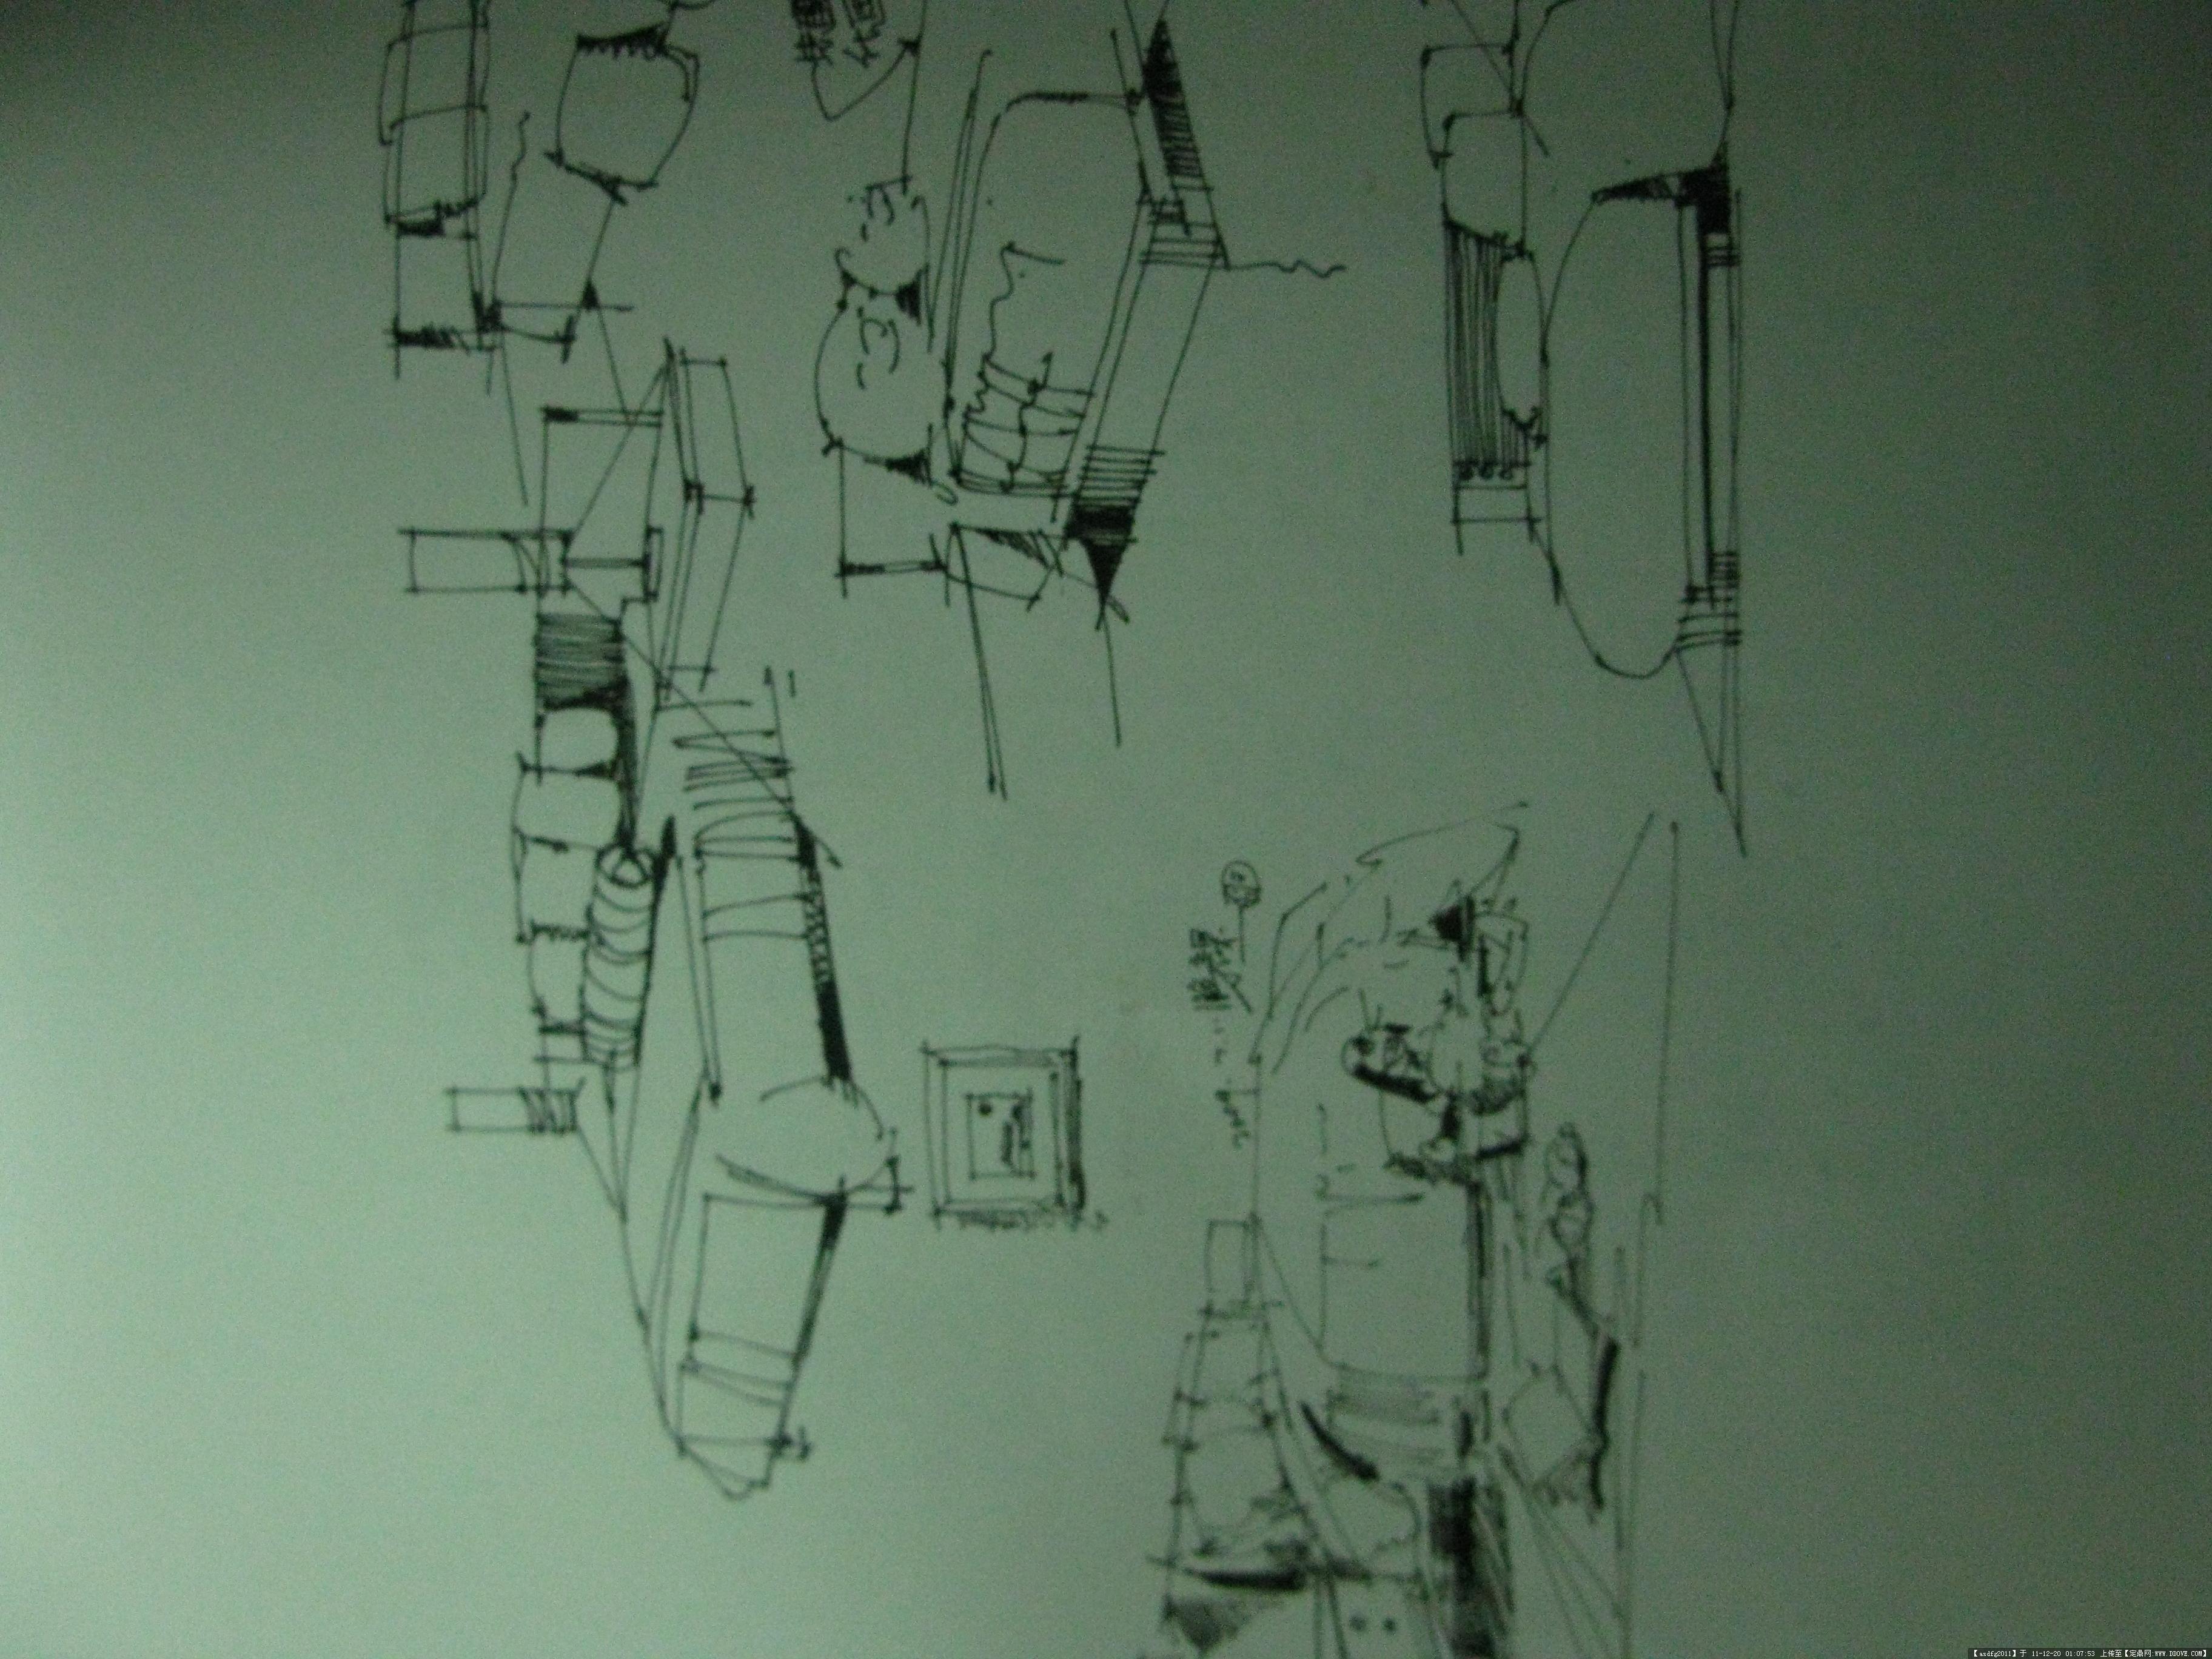 室内家具手绘线稿图集的图片浏览,室内效果图,住宅,.